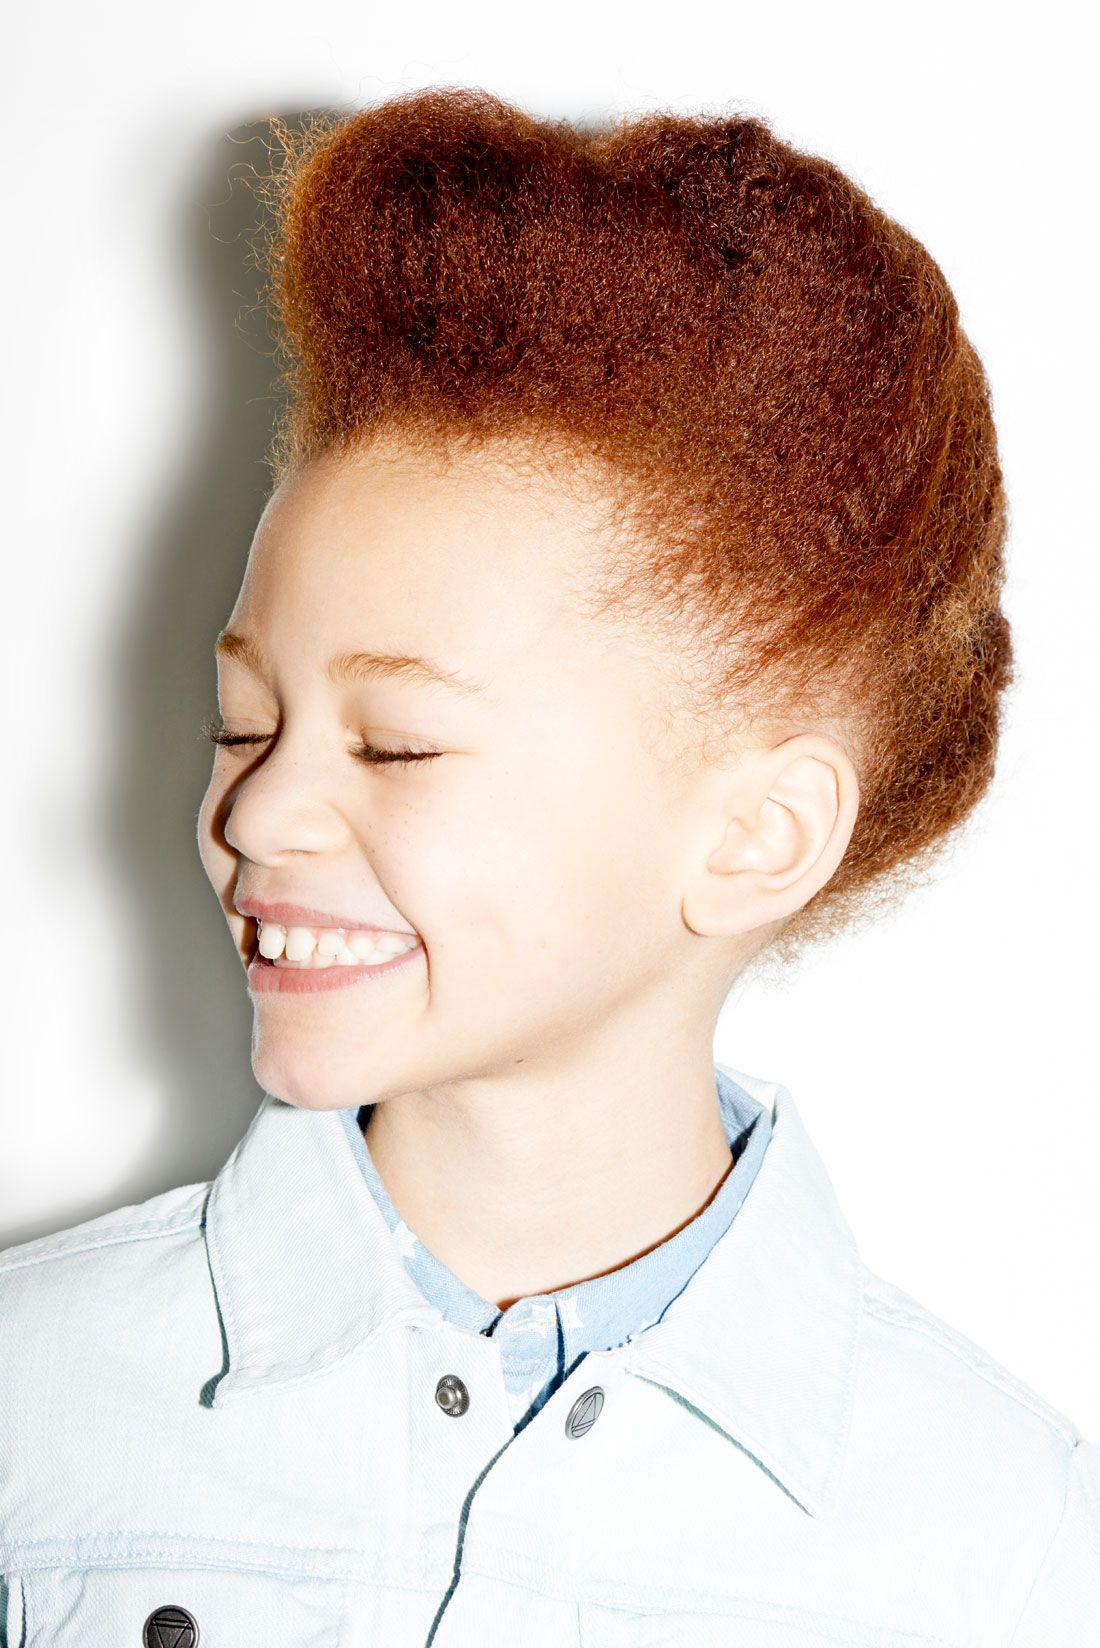 Serie Mode Smile Please Cheveux Roux Naturel Cheveux D Enfant Cheveux Roux